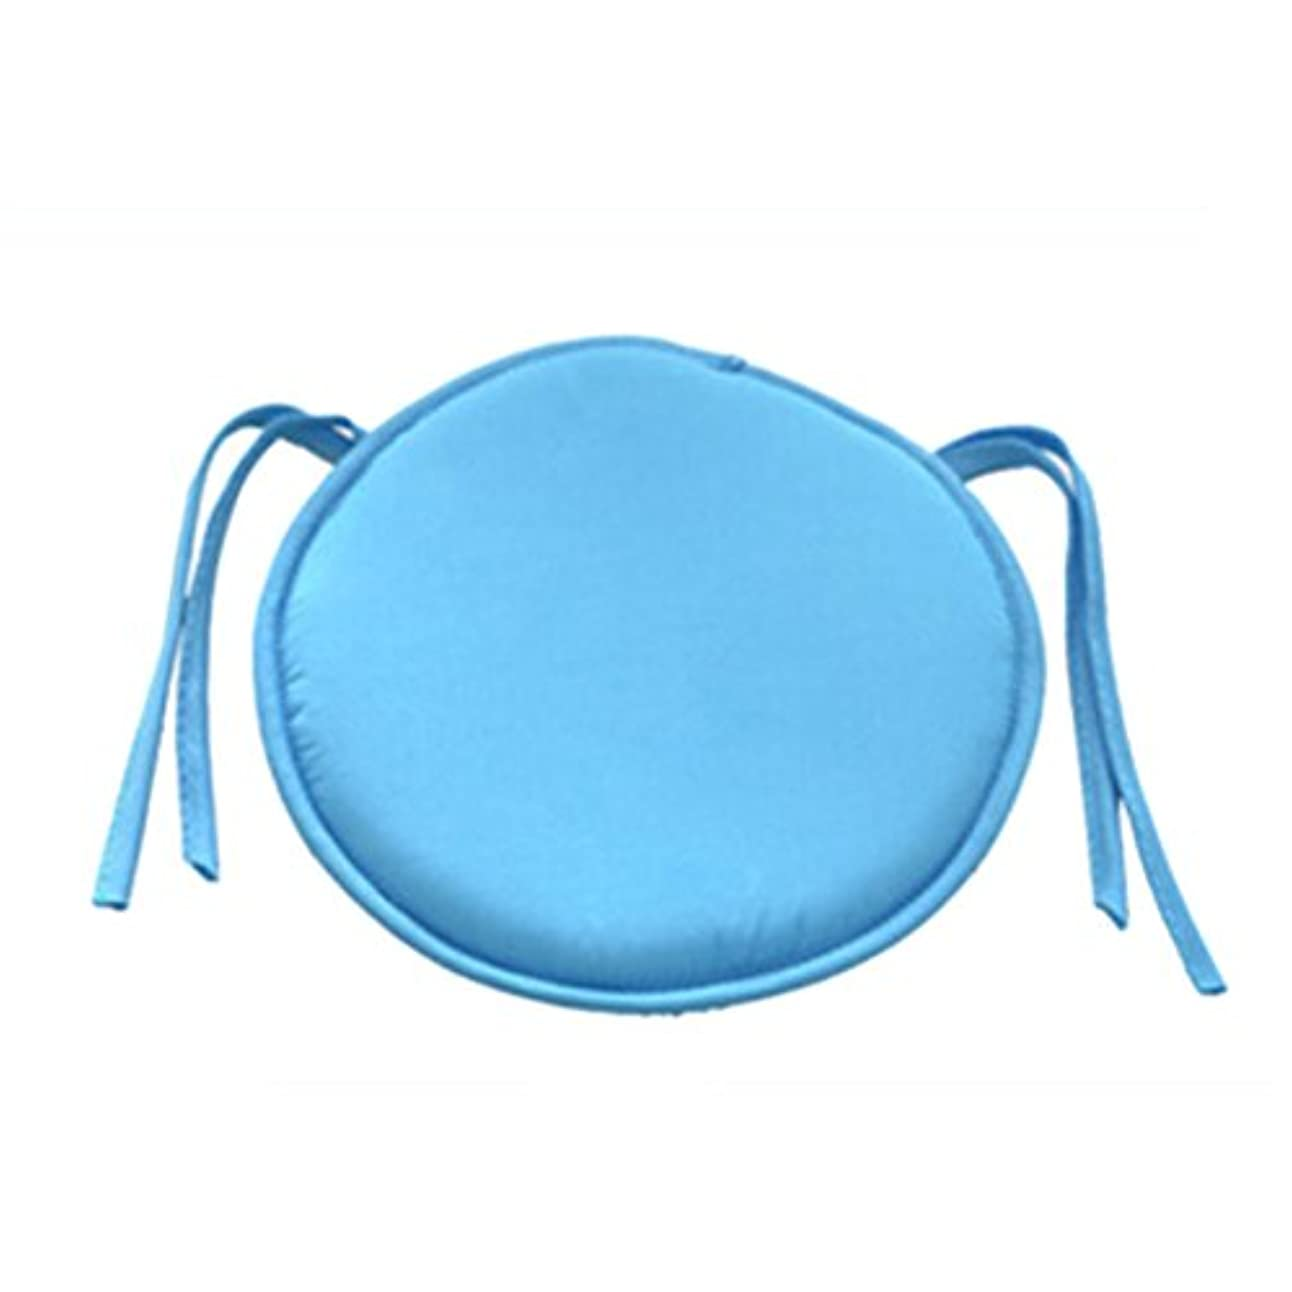 アヒル救い胚芽SMART ホット販売ラウンドチェアクッション屋内ポップパティオオフィスチェアシートパッドネクタイスクエアガーデンキッチンダイニングクッション クッション 椅子